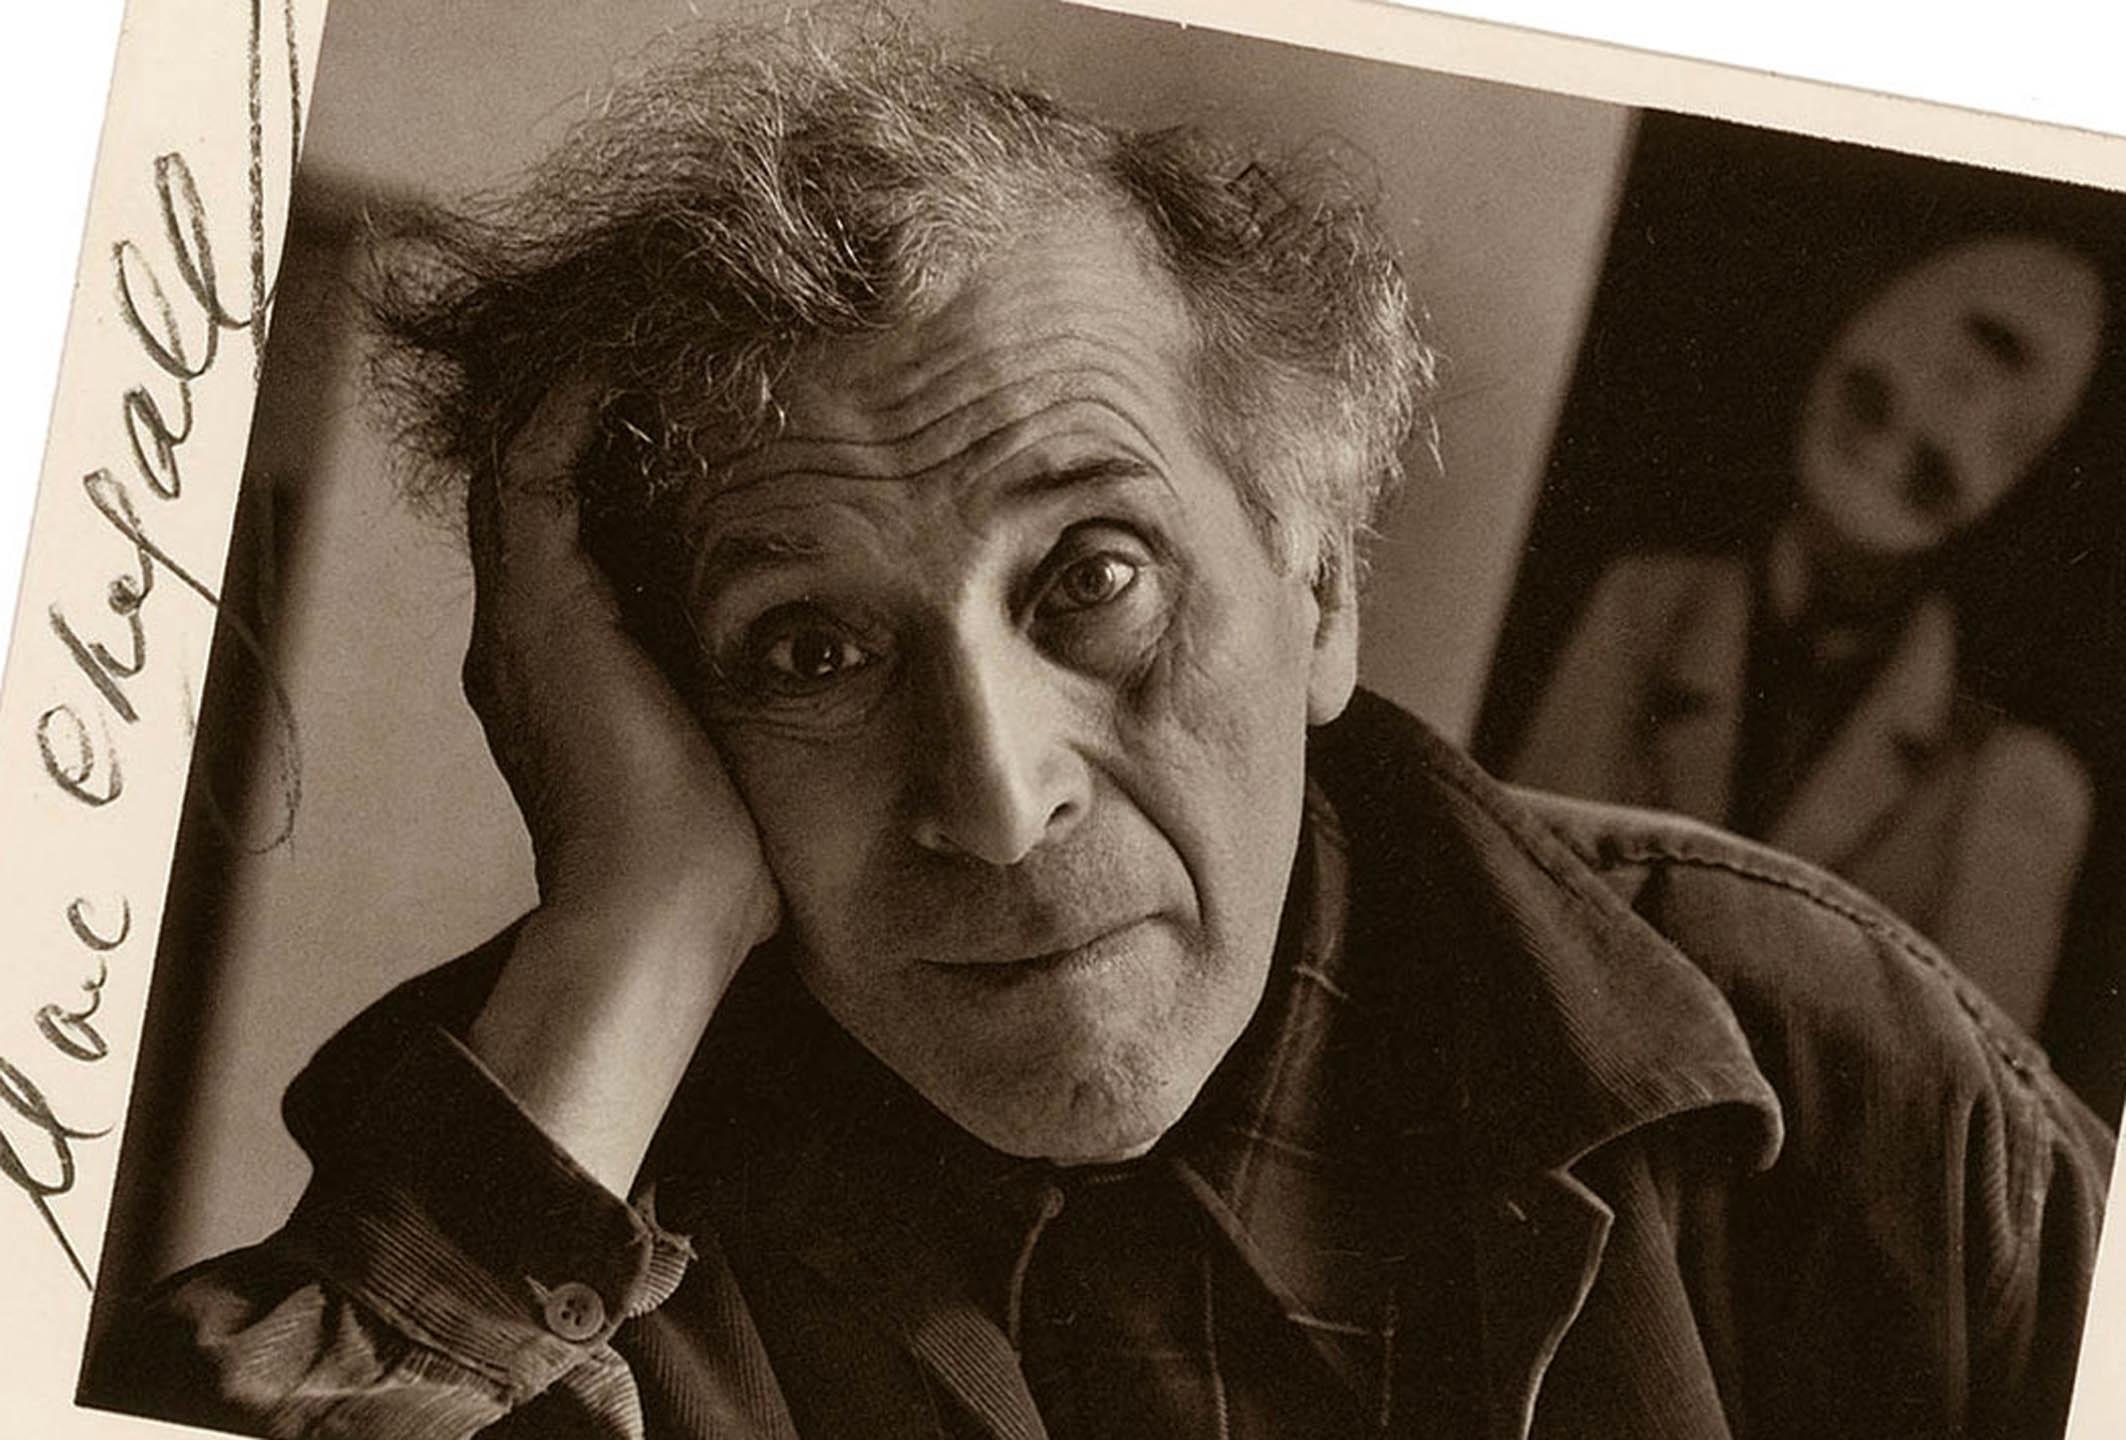 Risultati immagini per marc chagall a mantova palazzo della ragione?